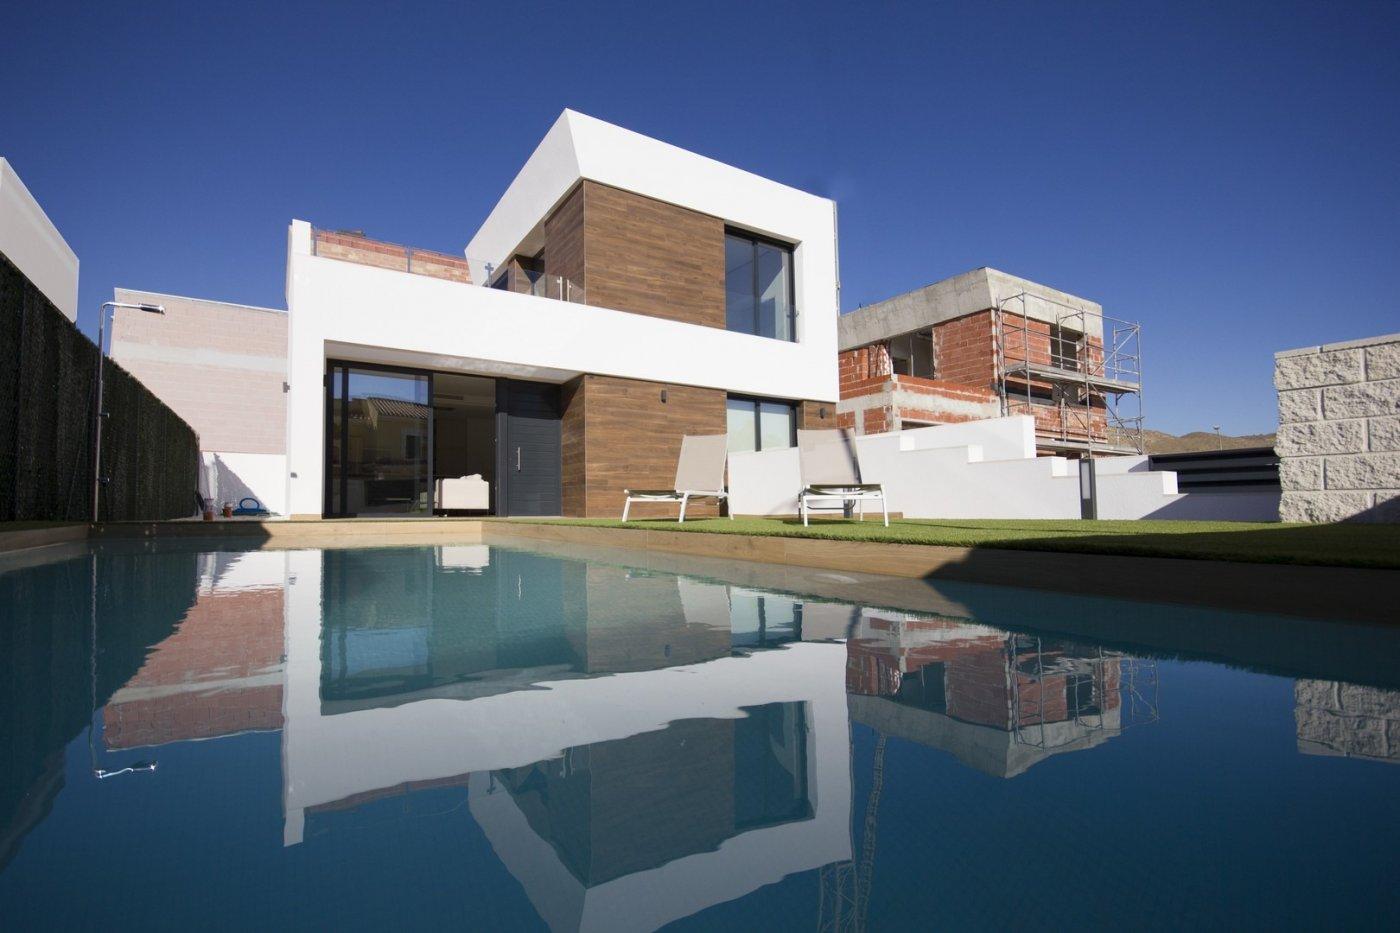 Villa privada andando a playa! ubicado en el campello a 600 m de la playa de l´amerador. - imagenInmueble1